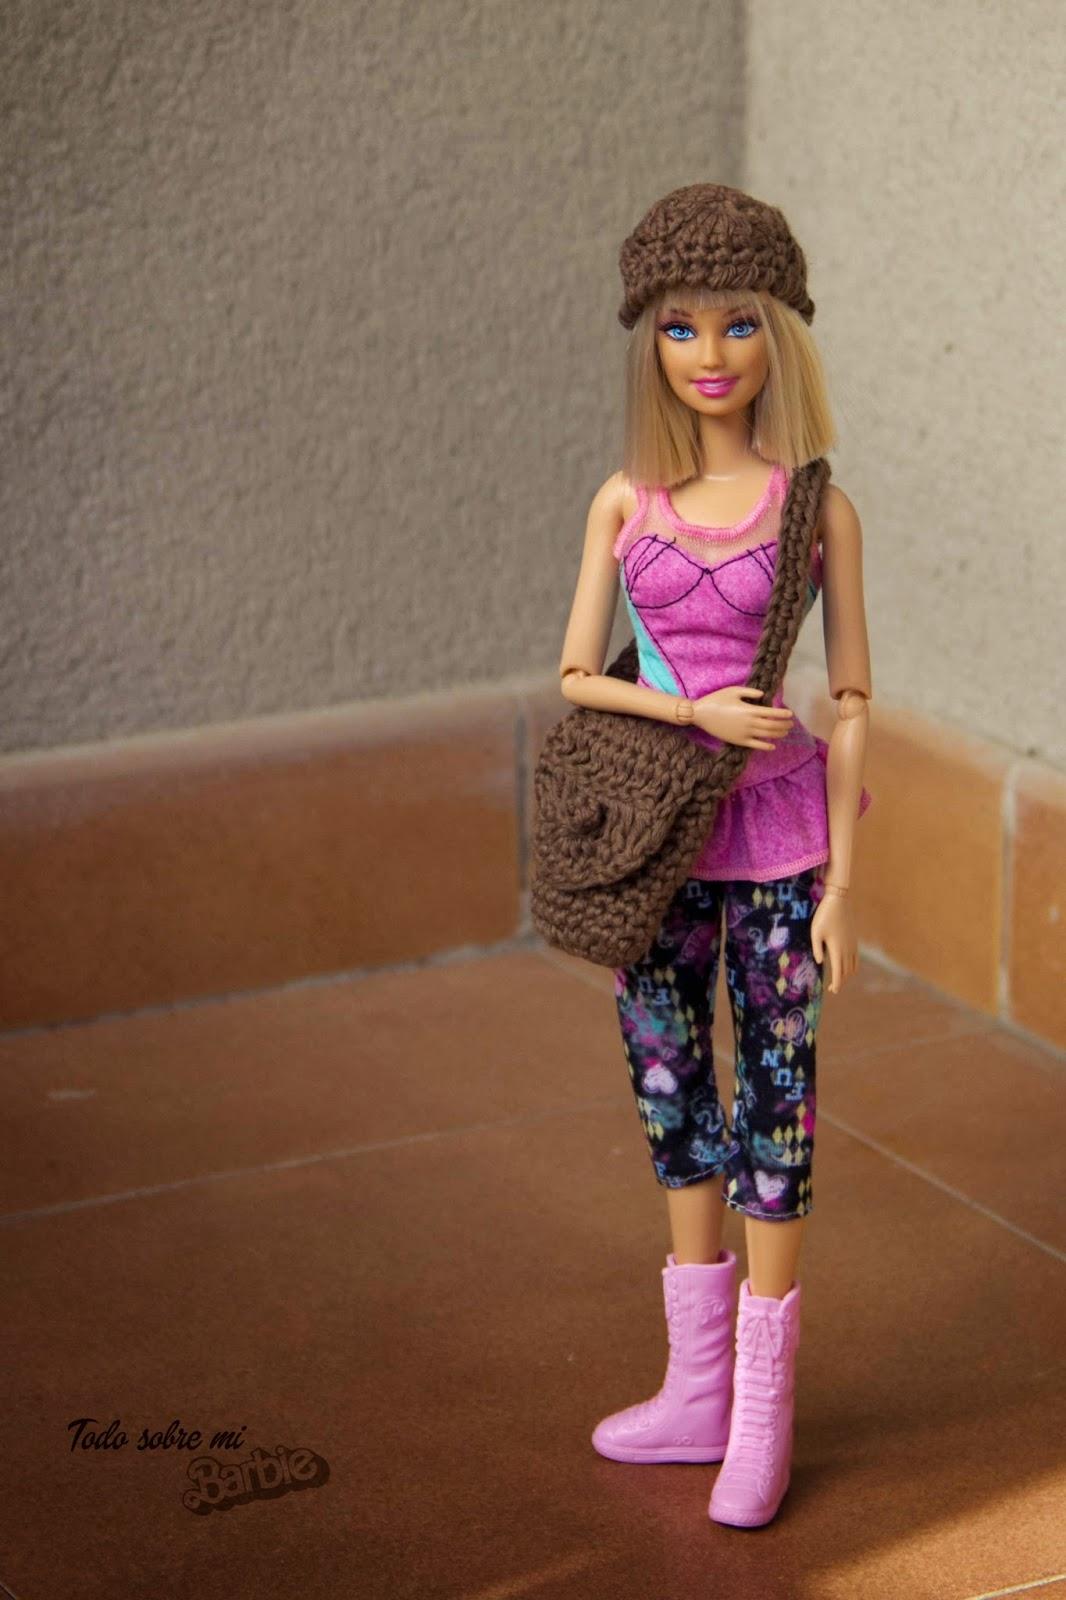 Todo sobre mi Barbie: Gorro y bolso de ganchillo